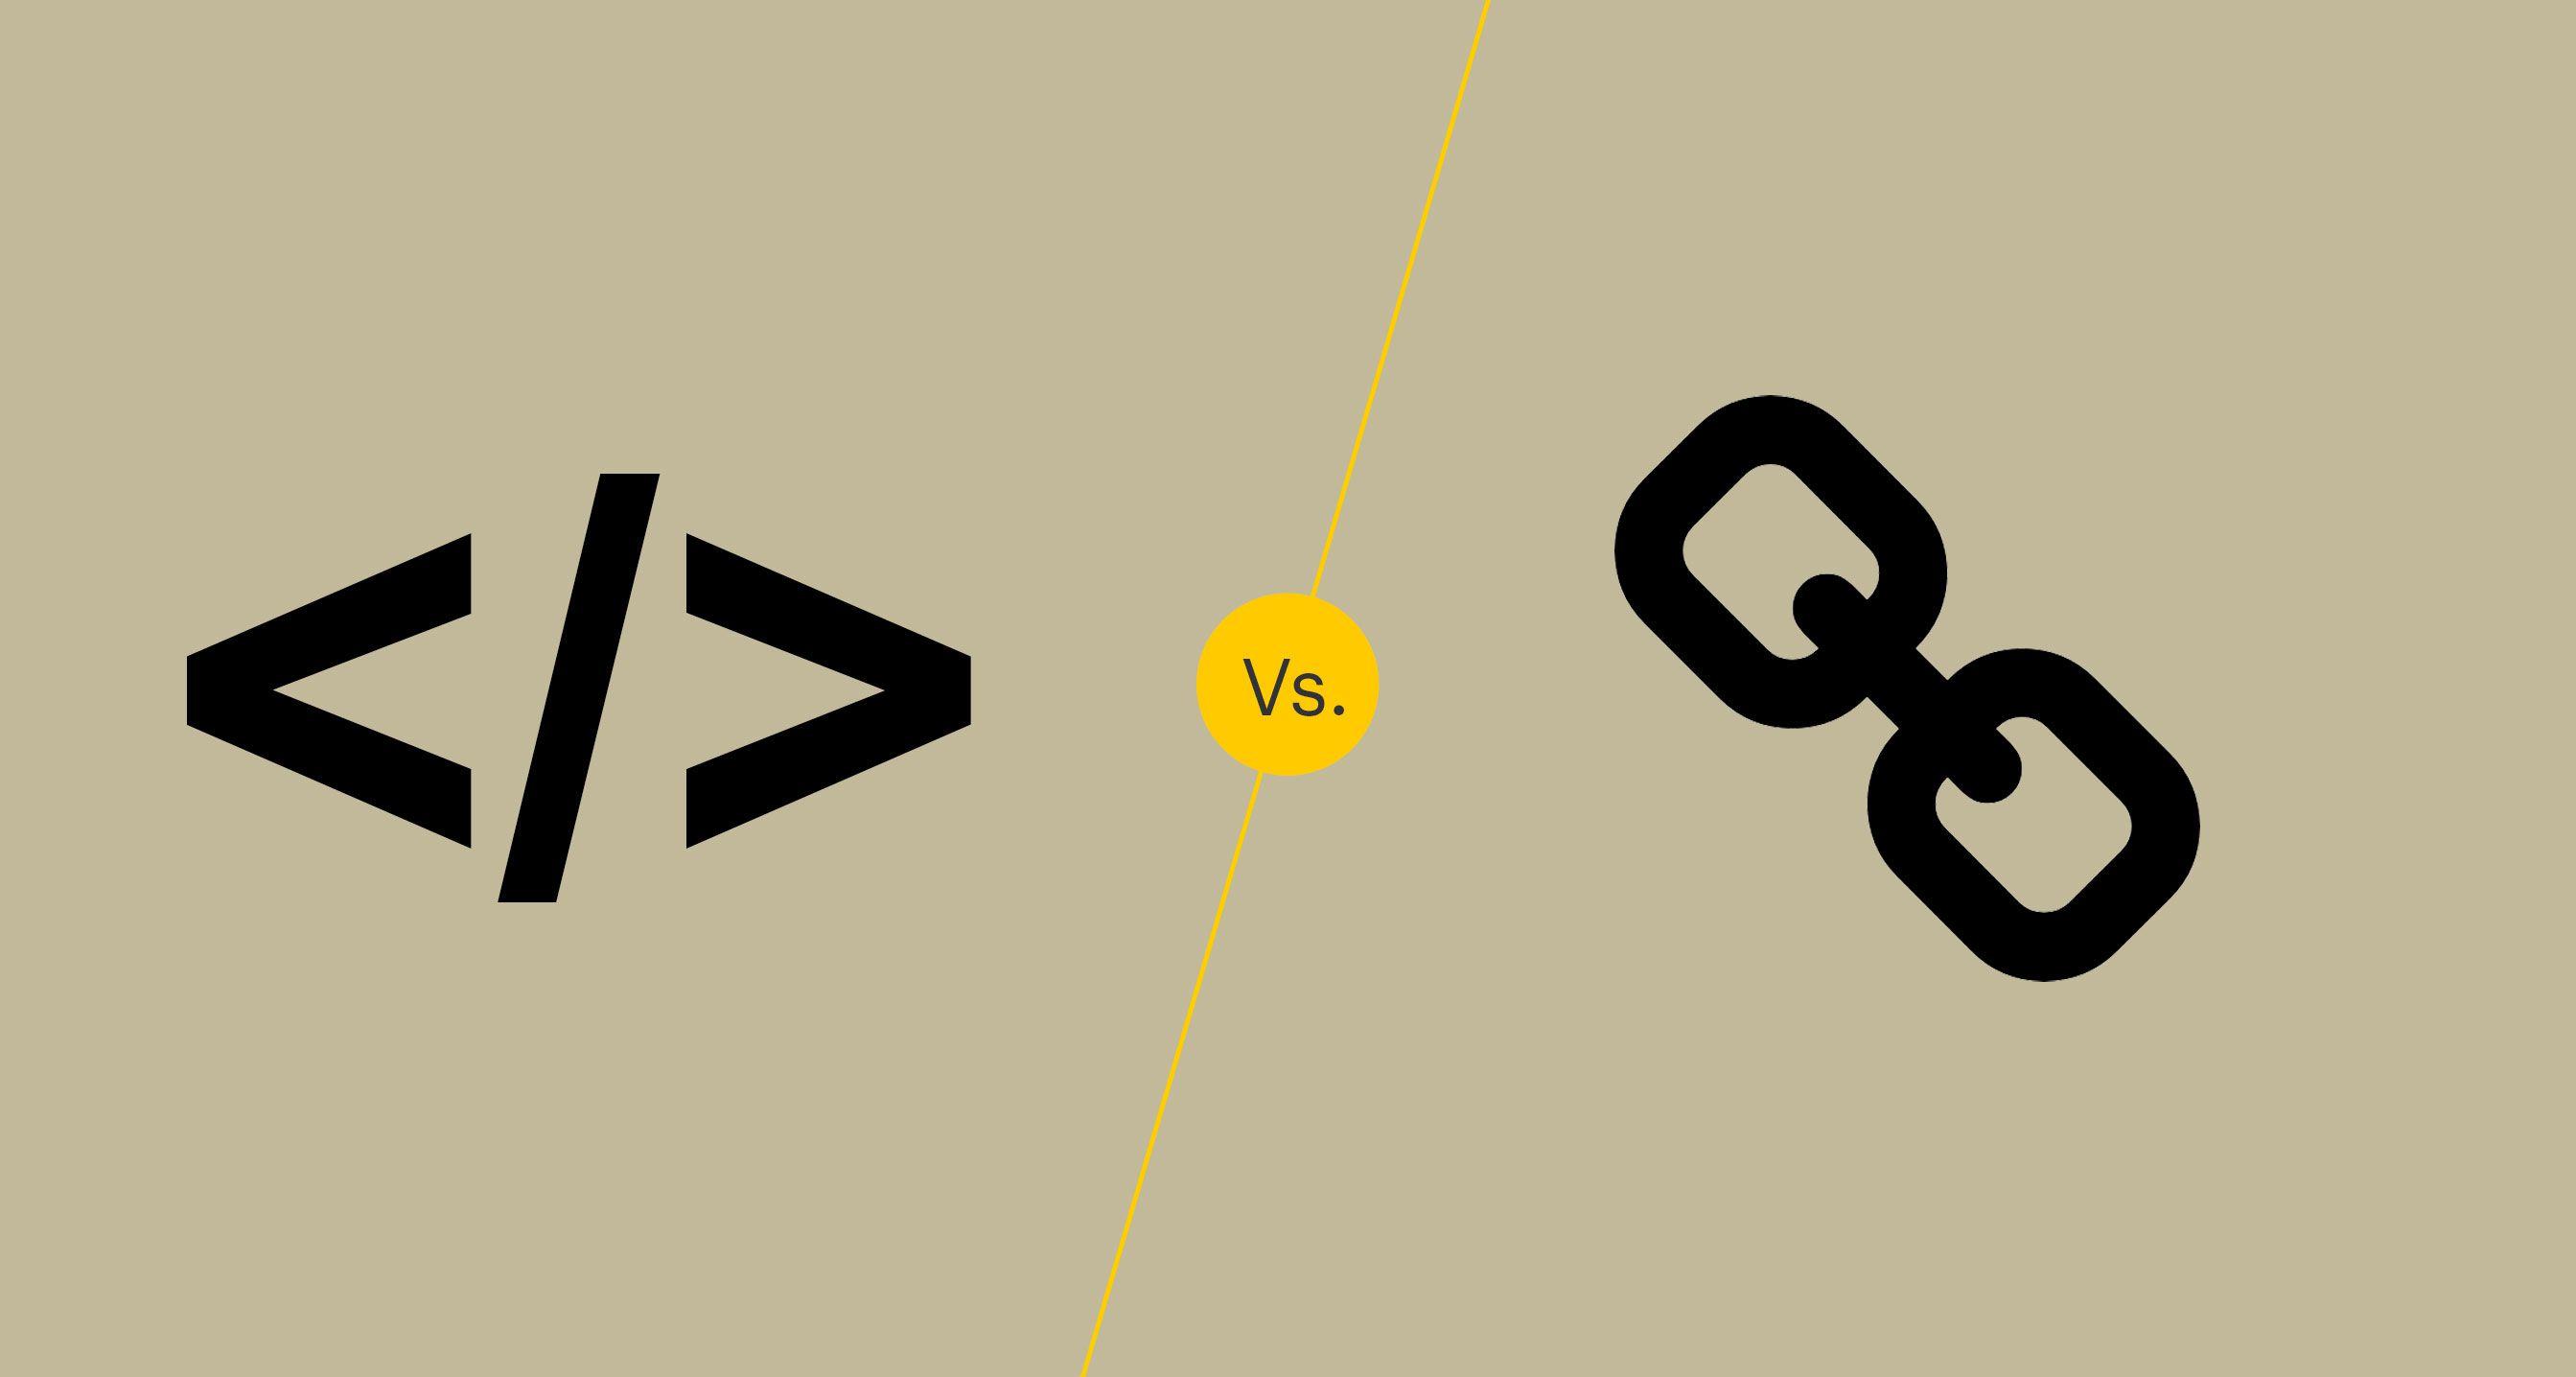 Embed vs Link